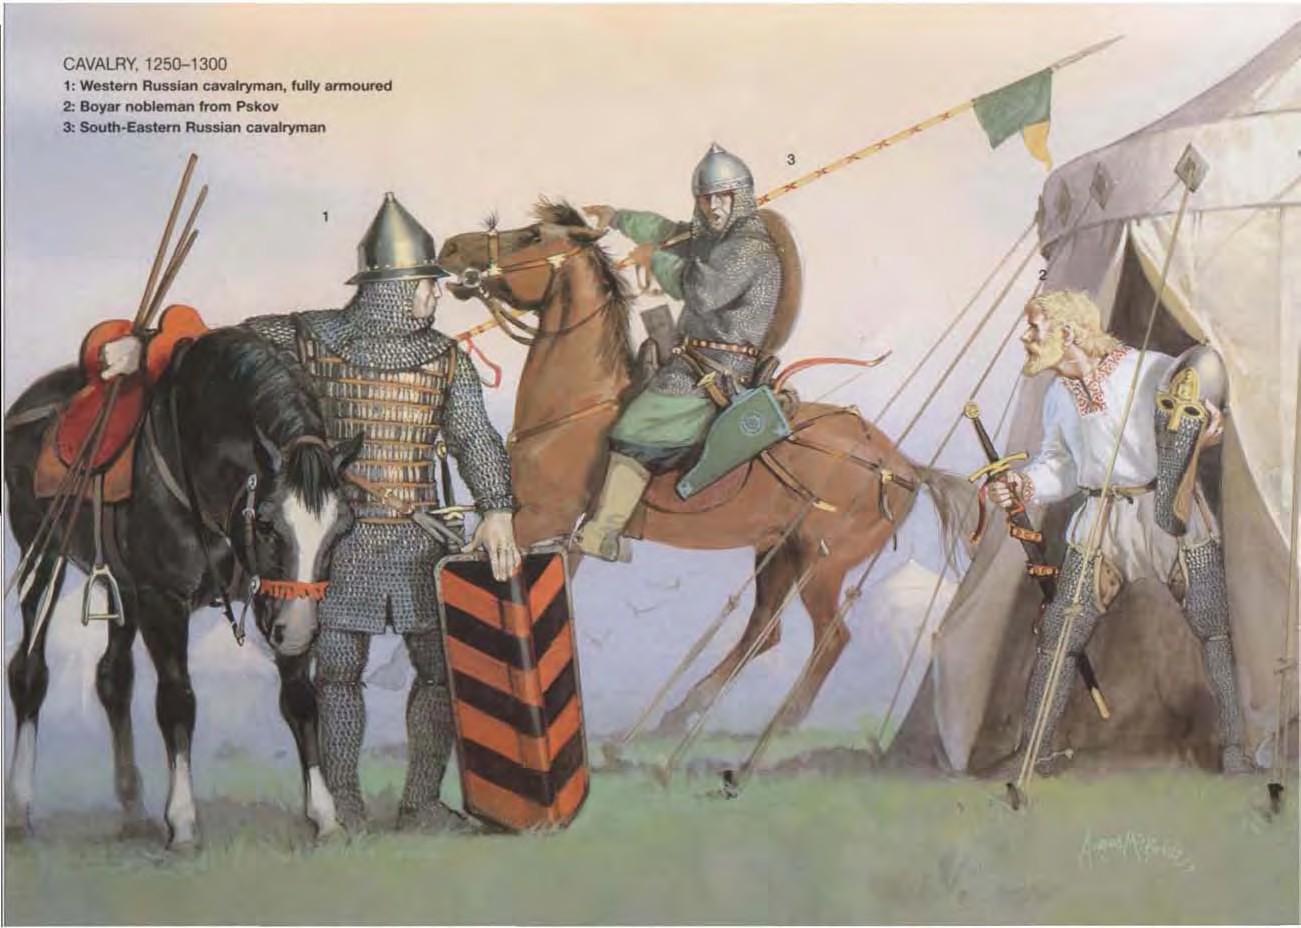 全身 铠甲 的 西部 俄罗斯 骑兵 2 来自 普斯科夫 的